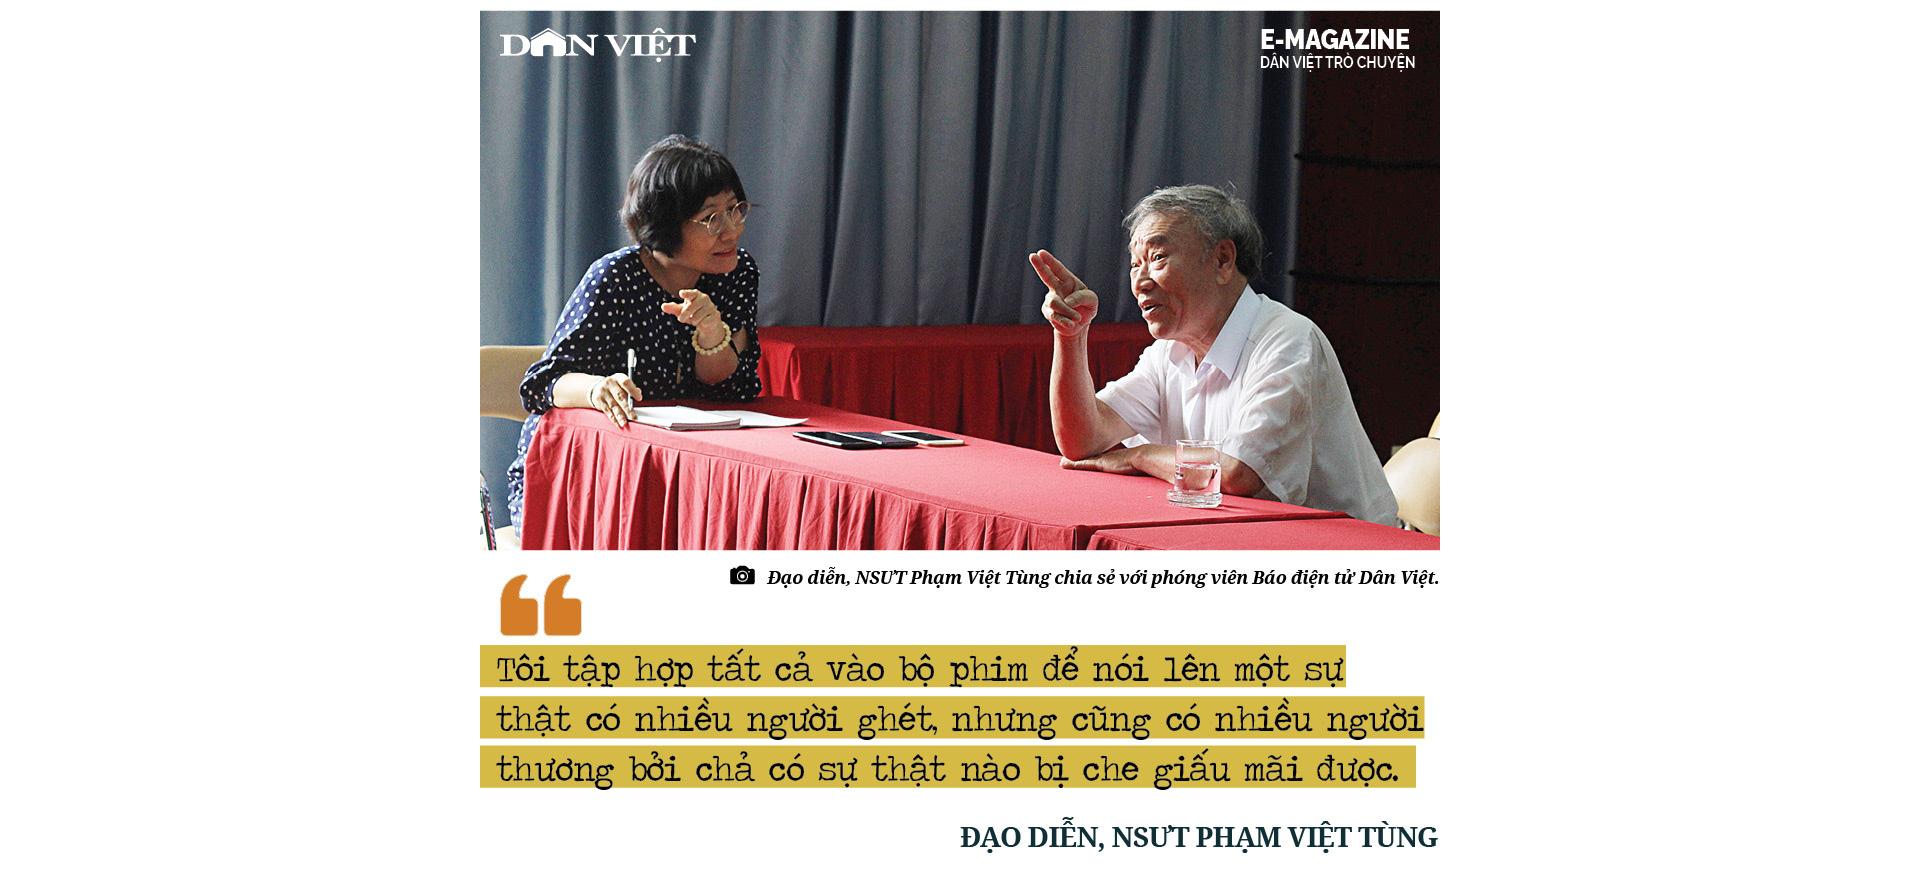 """Đạo diễn, NSƯT Phạm Việt Tùng: """"Có những sự thật 30/4/1975 cần làm sáng tỏ để không phải xấu hổ trước lịch sử""""  - Ảnh 15."""